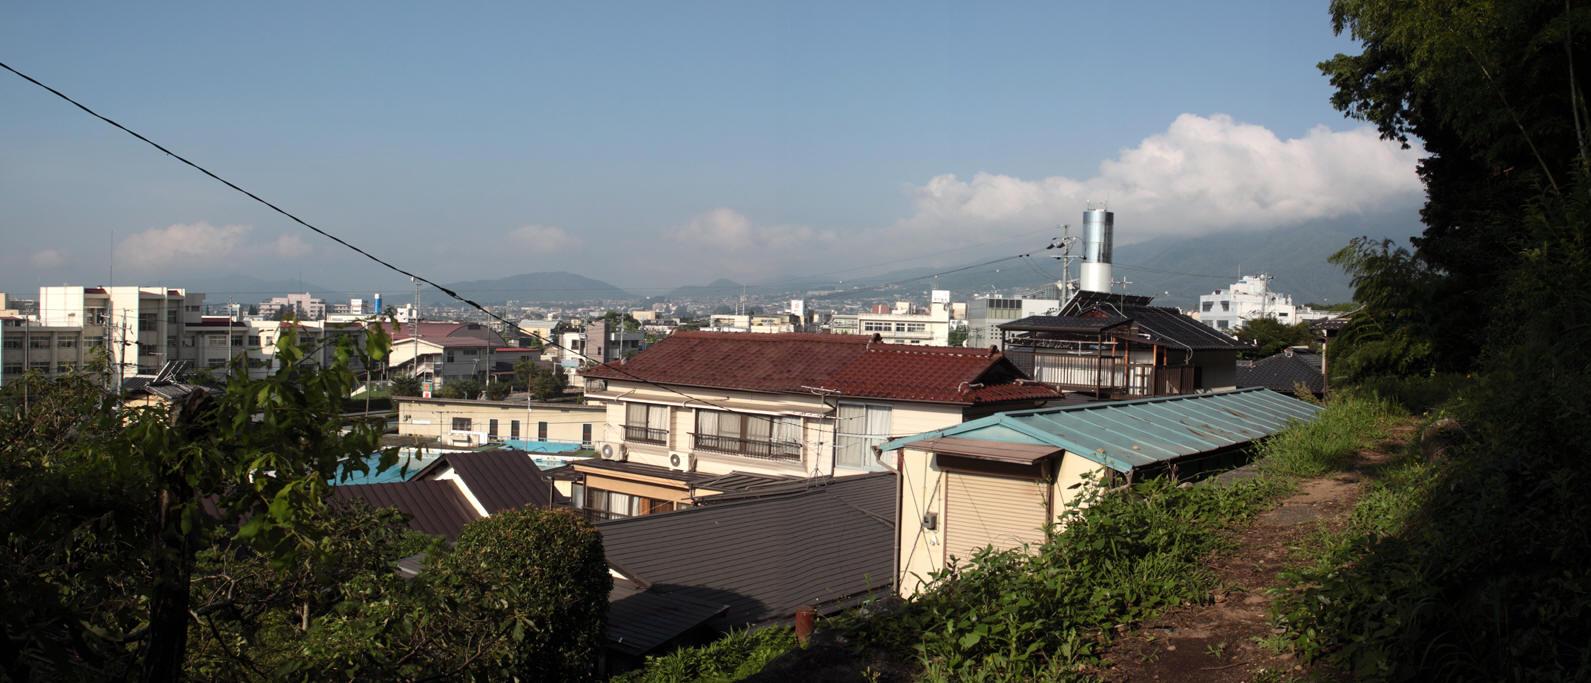 飯田市宮ノ上と高羽町6丁目境目からの風景